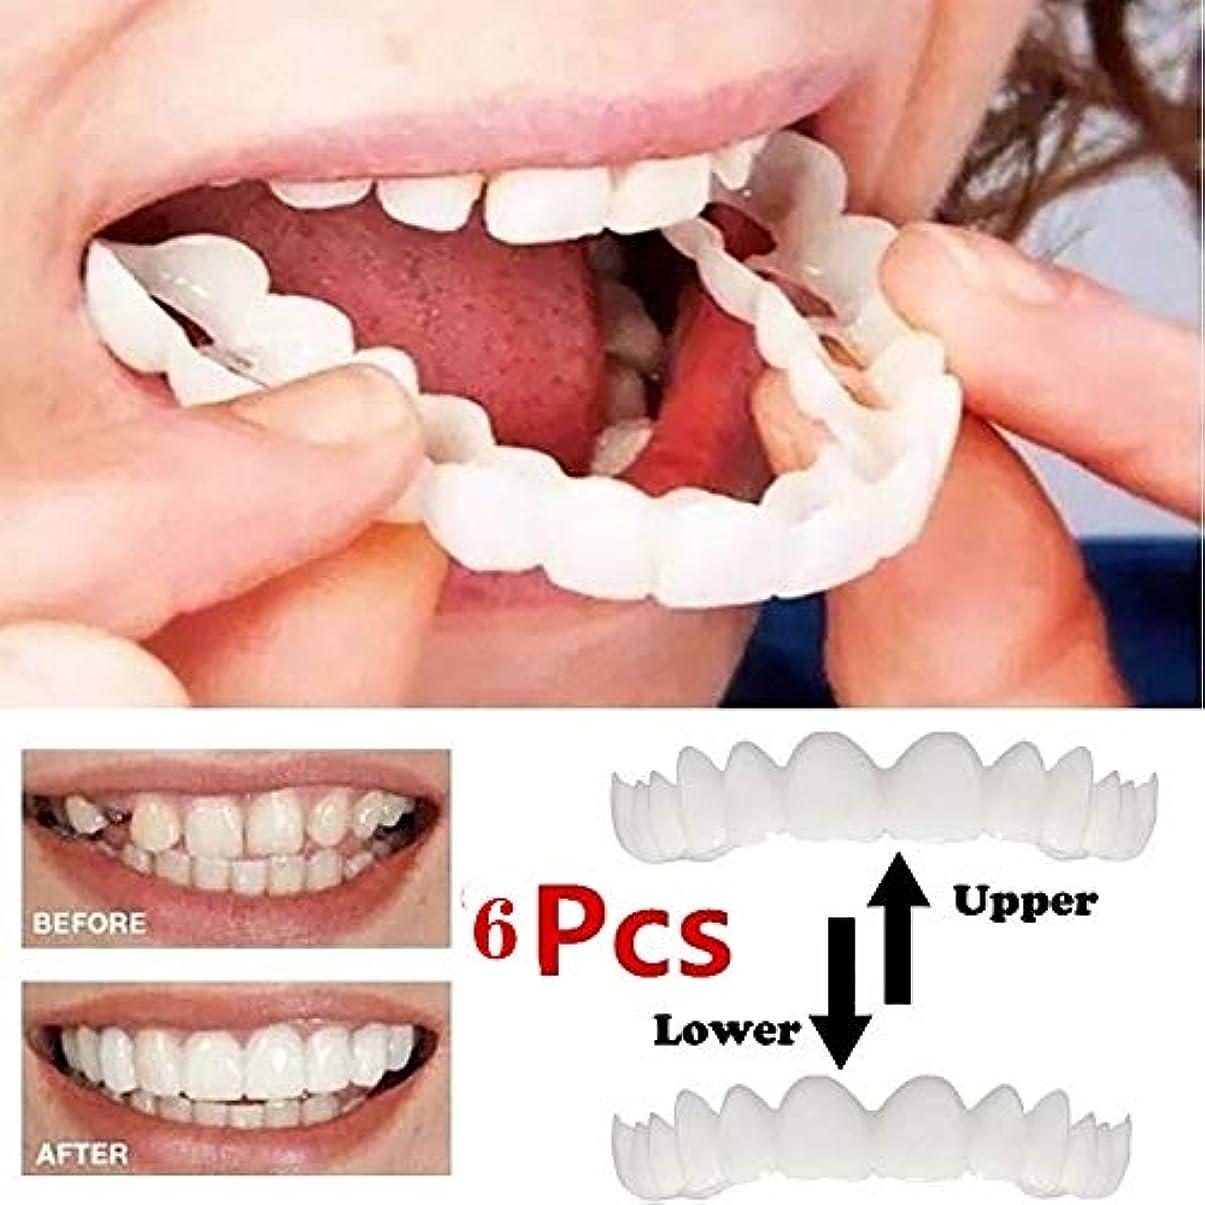 ヘルメットフラグラント住人最新の突き板の歯、化粧品の歯3ペア - 一時的な笑顔の快適さフィットフレックス化粧品の歯、ワンサイズが最もフィット、快適なトップとボトムベニア - 歯突き板(ボトム+トップ)